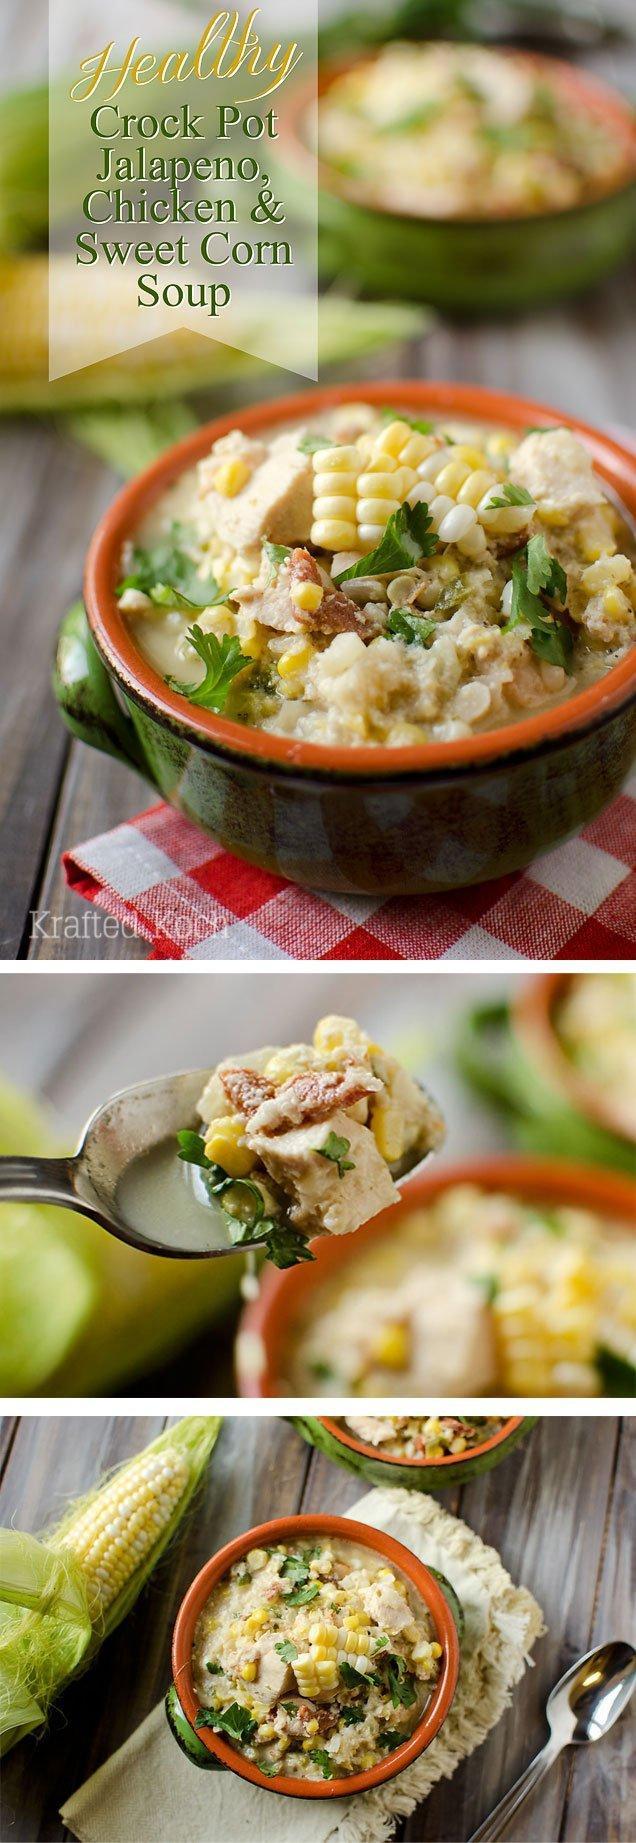 15 Most Popular Healthy Crock-Pot Recipes